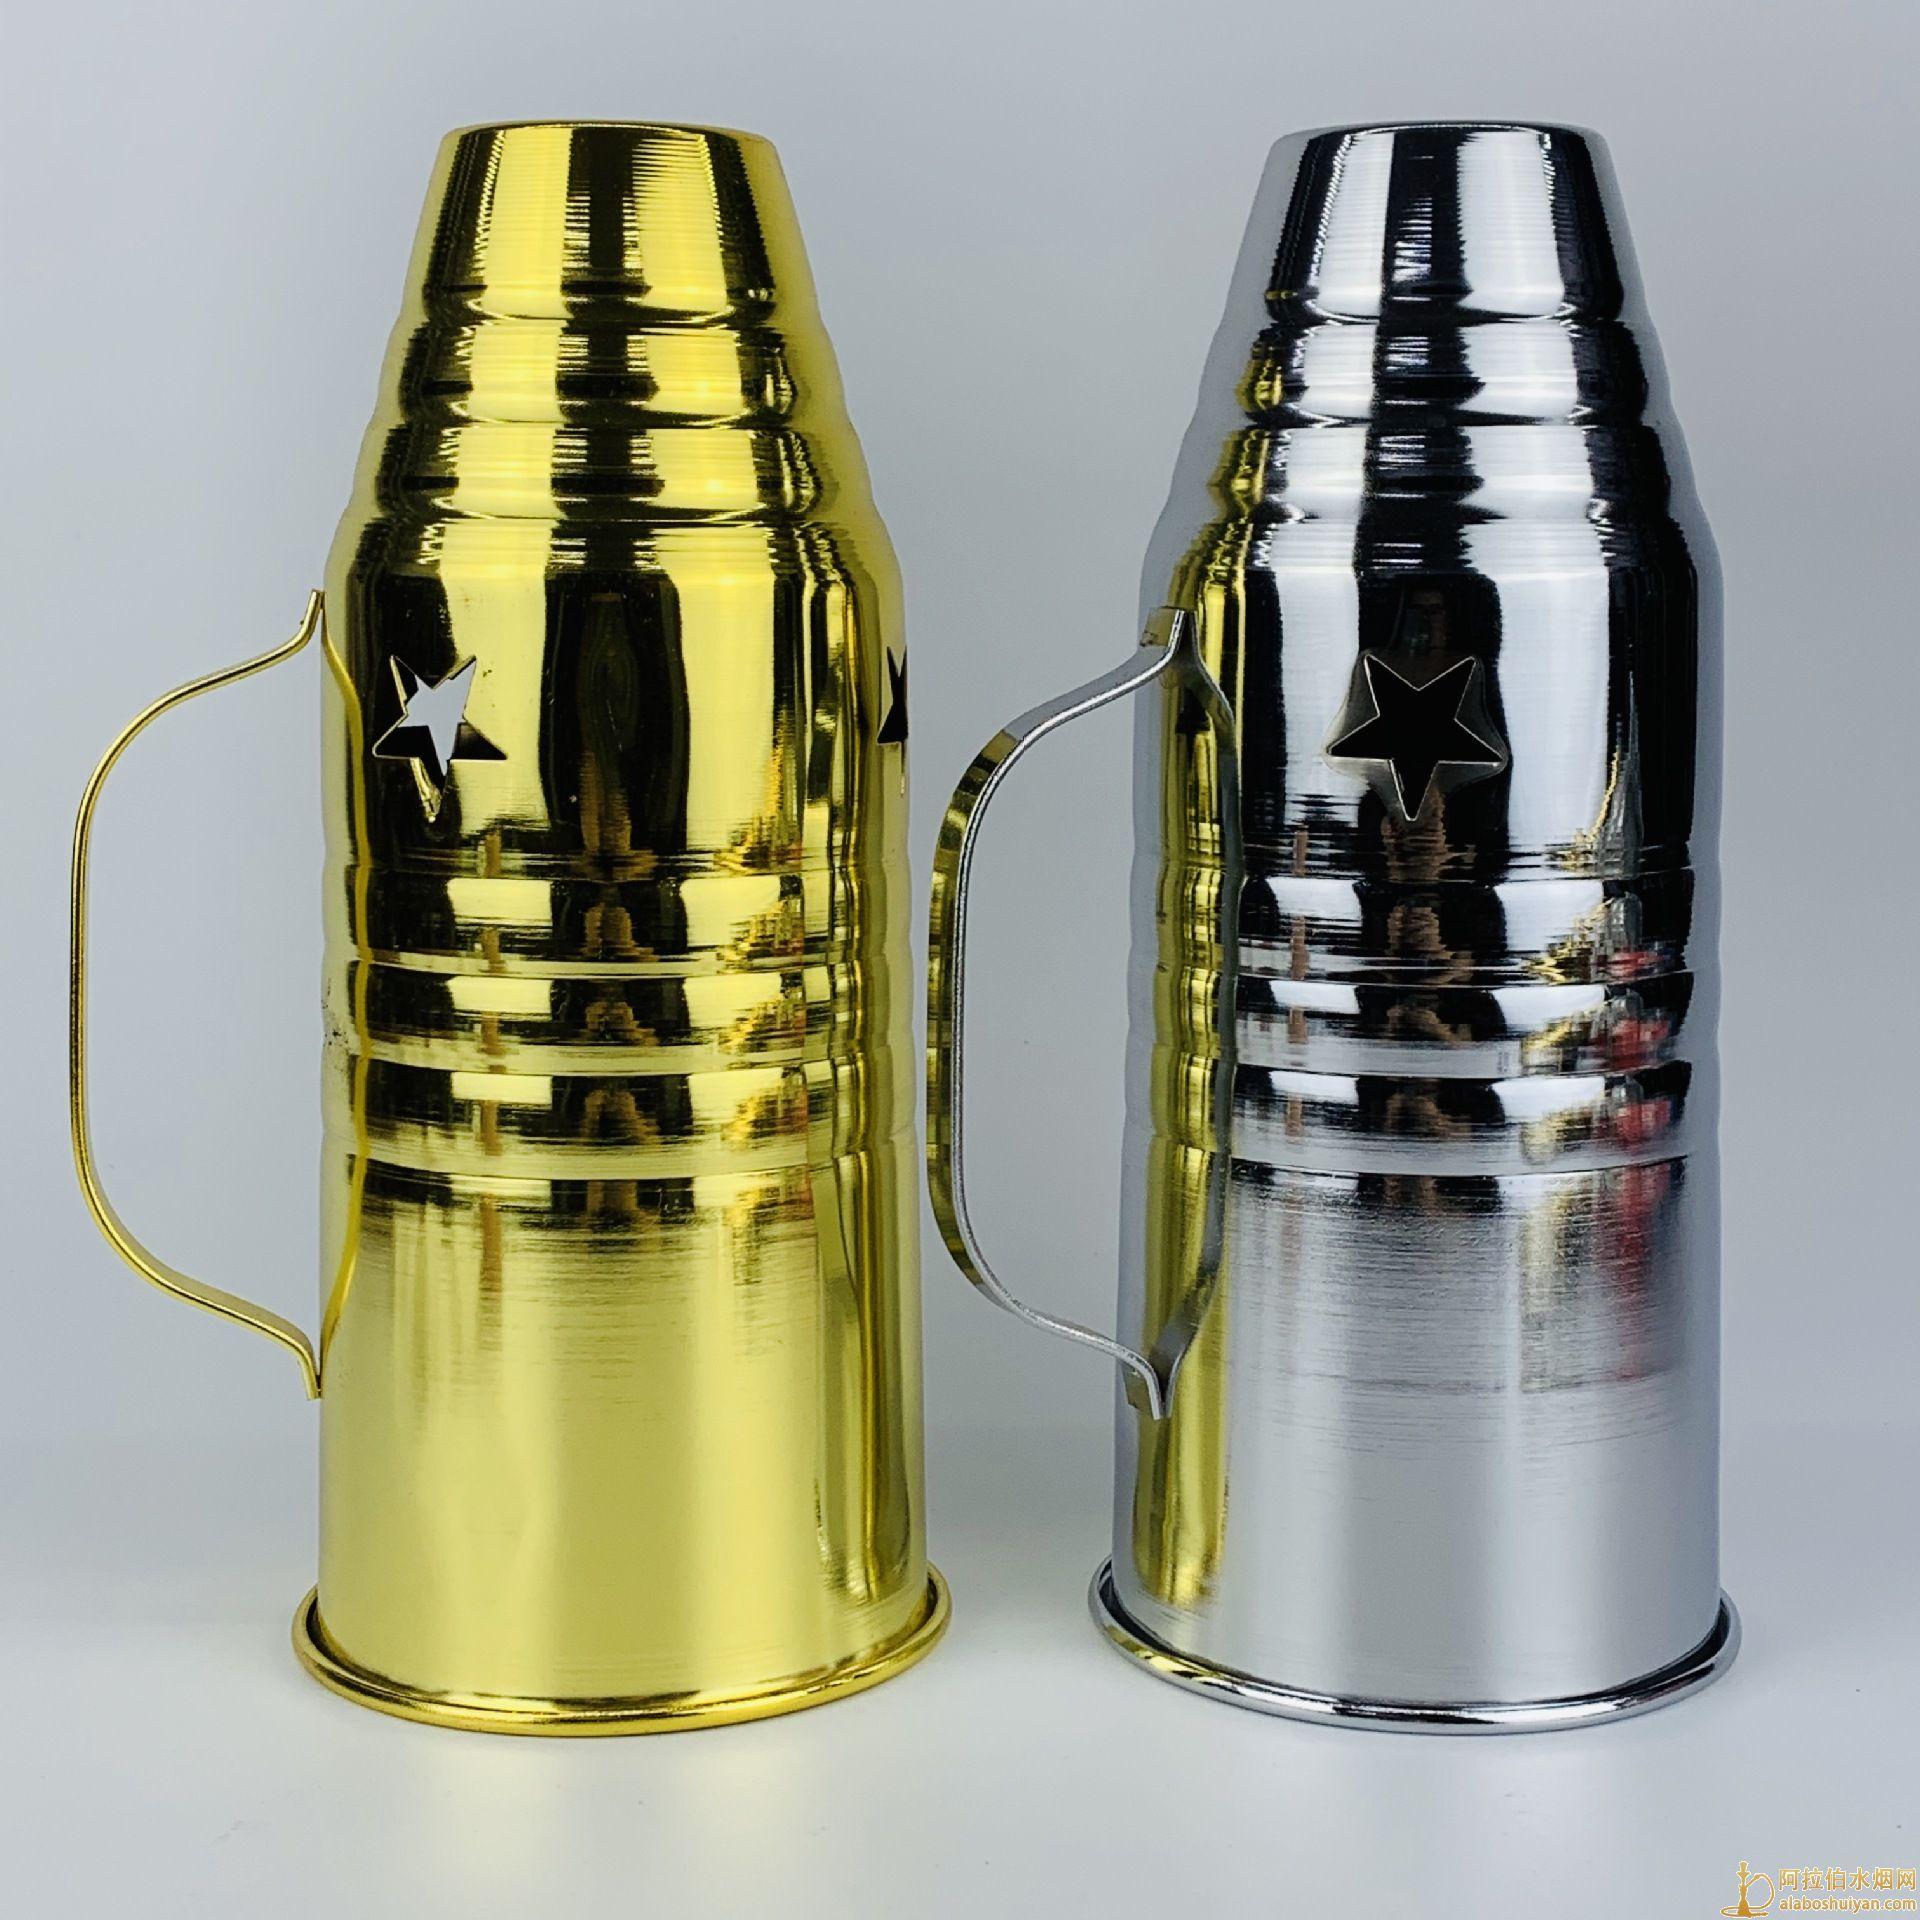 大号四嘴水烟壶带手柄金色银色防风罩酒吧专用